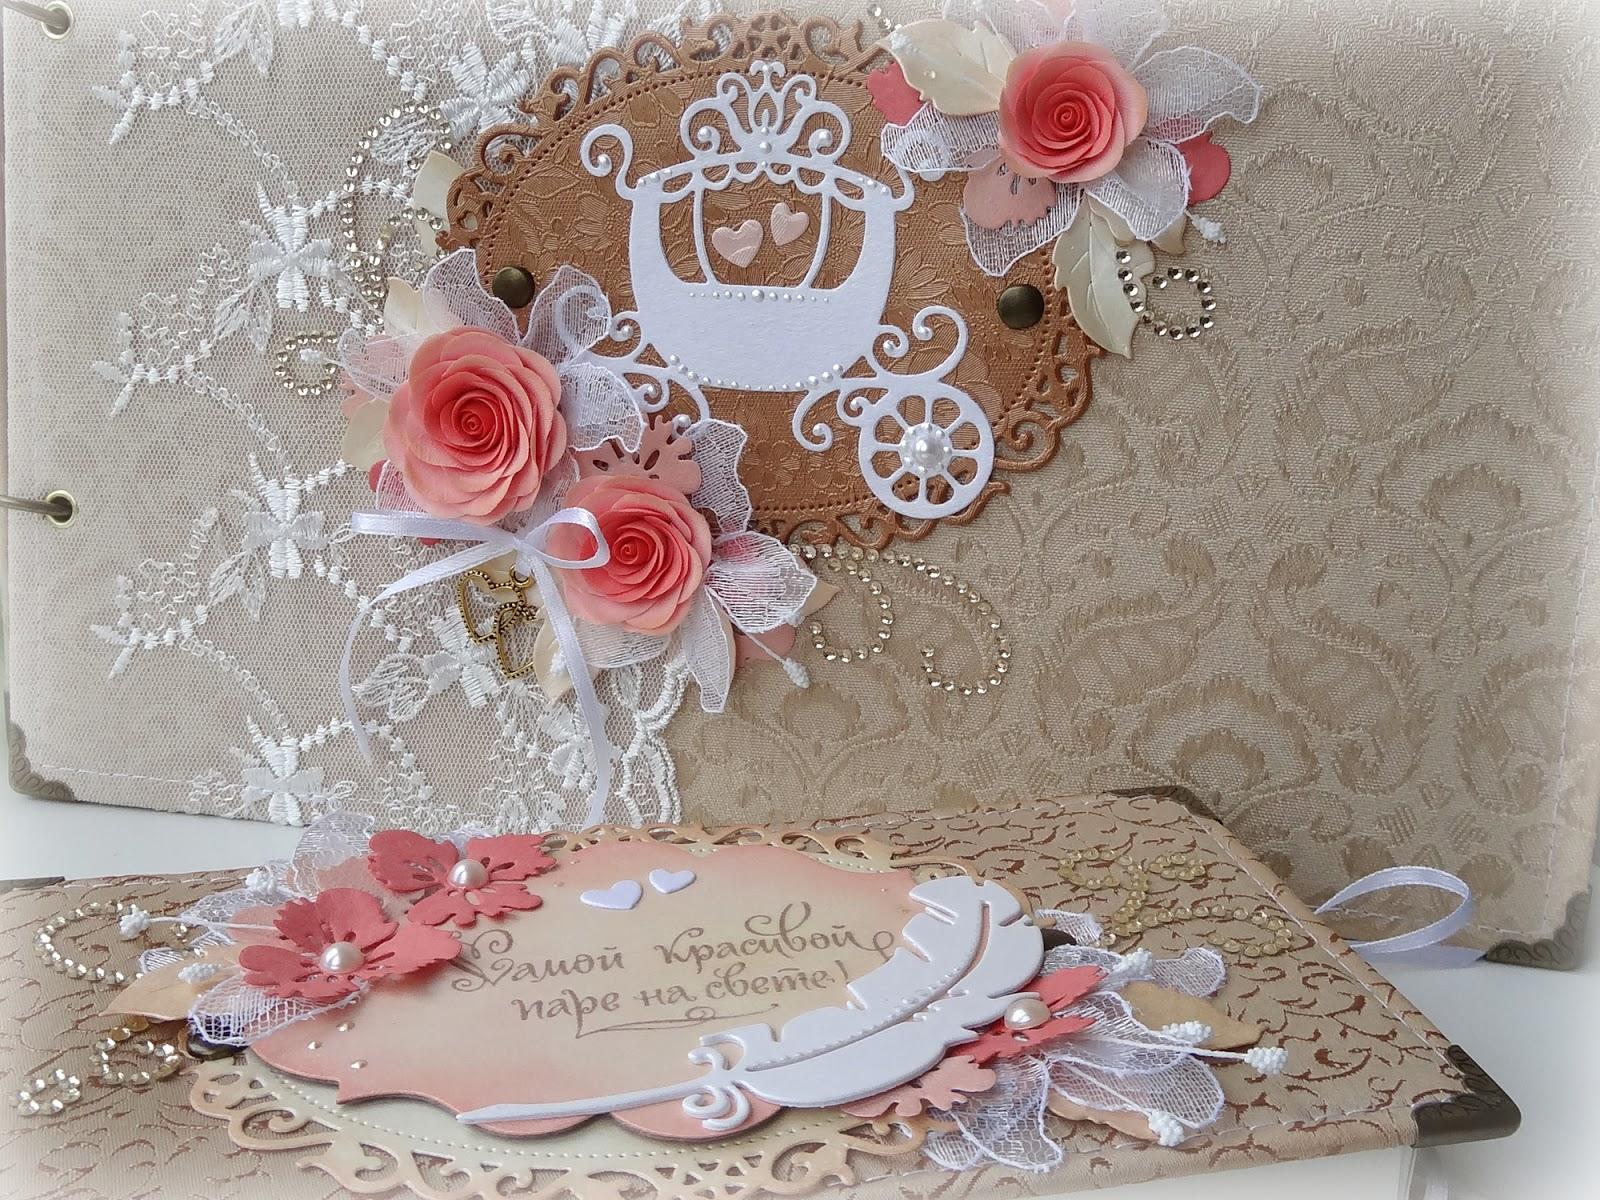 Поздравление внучки с днем свадьбы от бабушки и дедушки